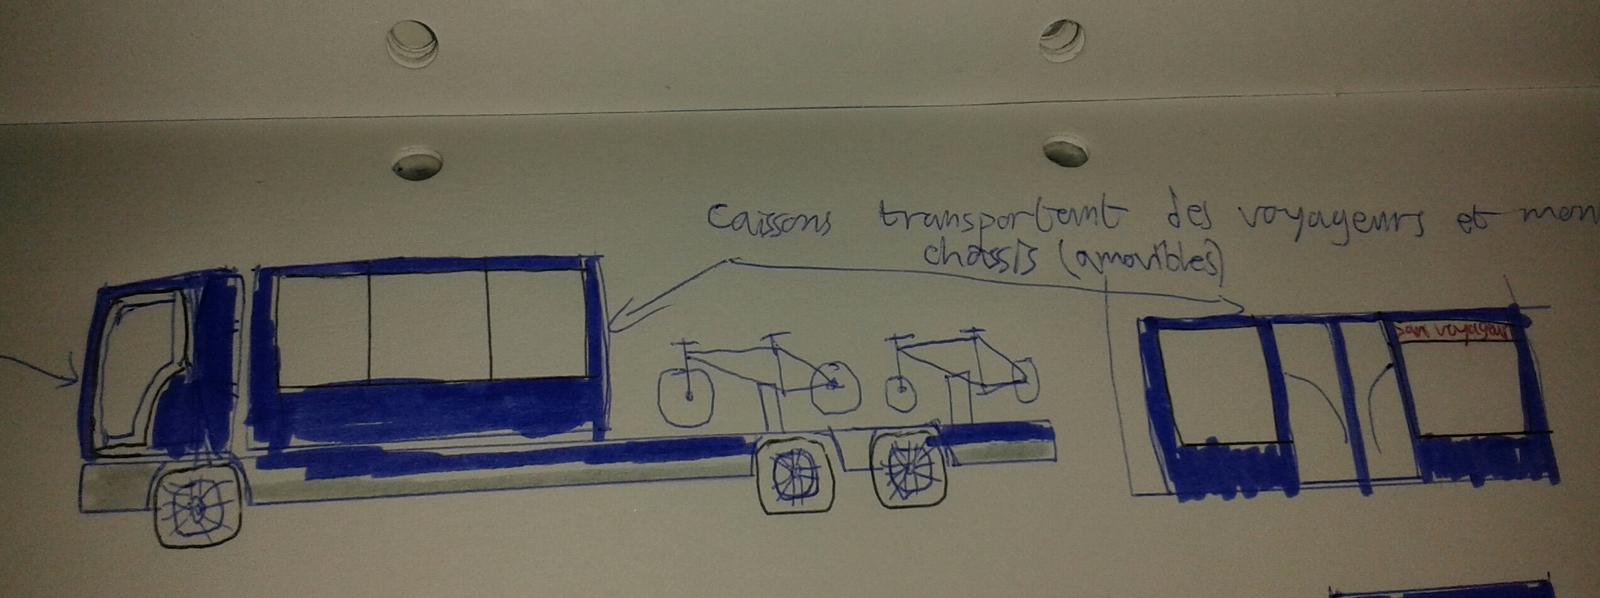 L'autobus du futur 17082207371522652015234413